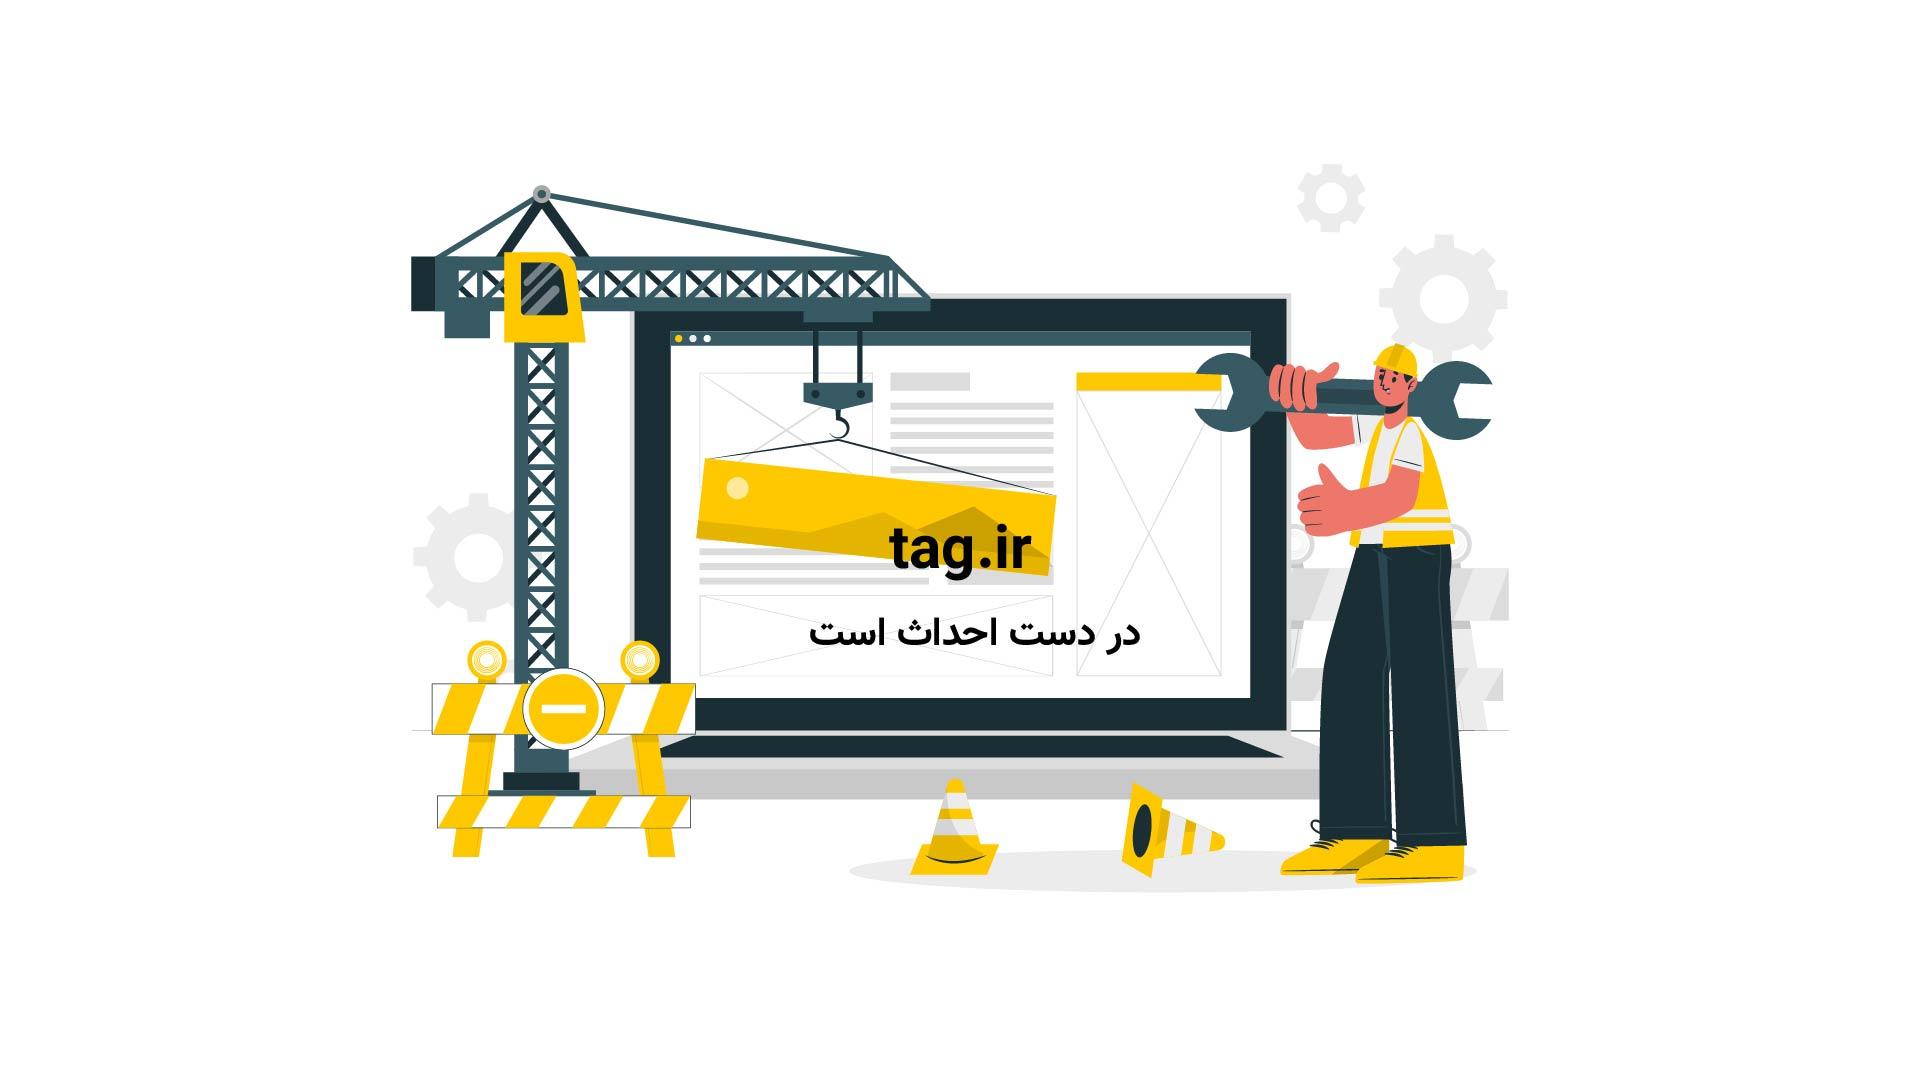 حادثه قطار سمنان | تگ